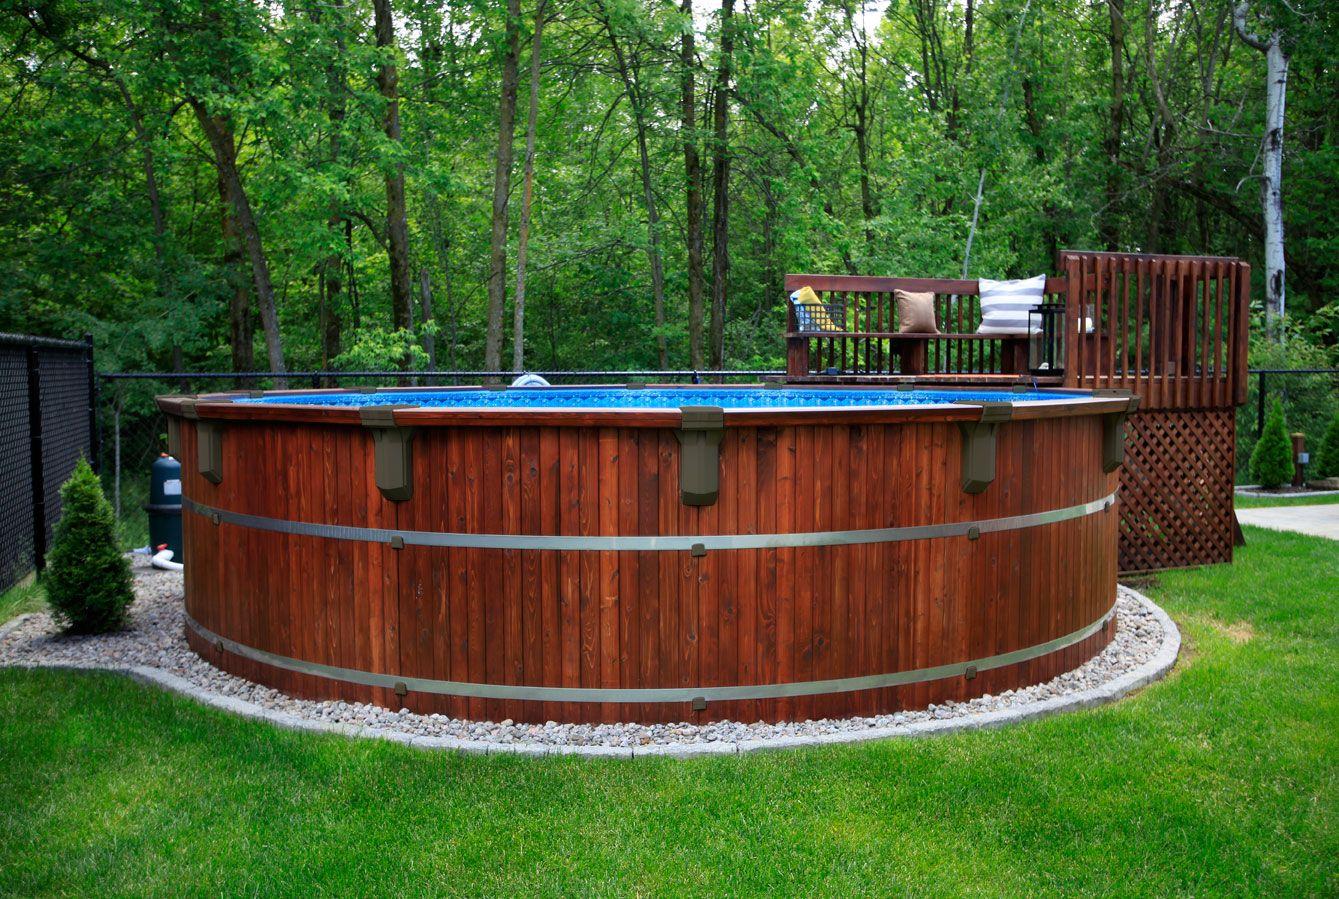 Piscine en c dre hors terre piscines en c dre for Piscine rectangulaire hors terre